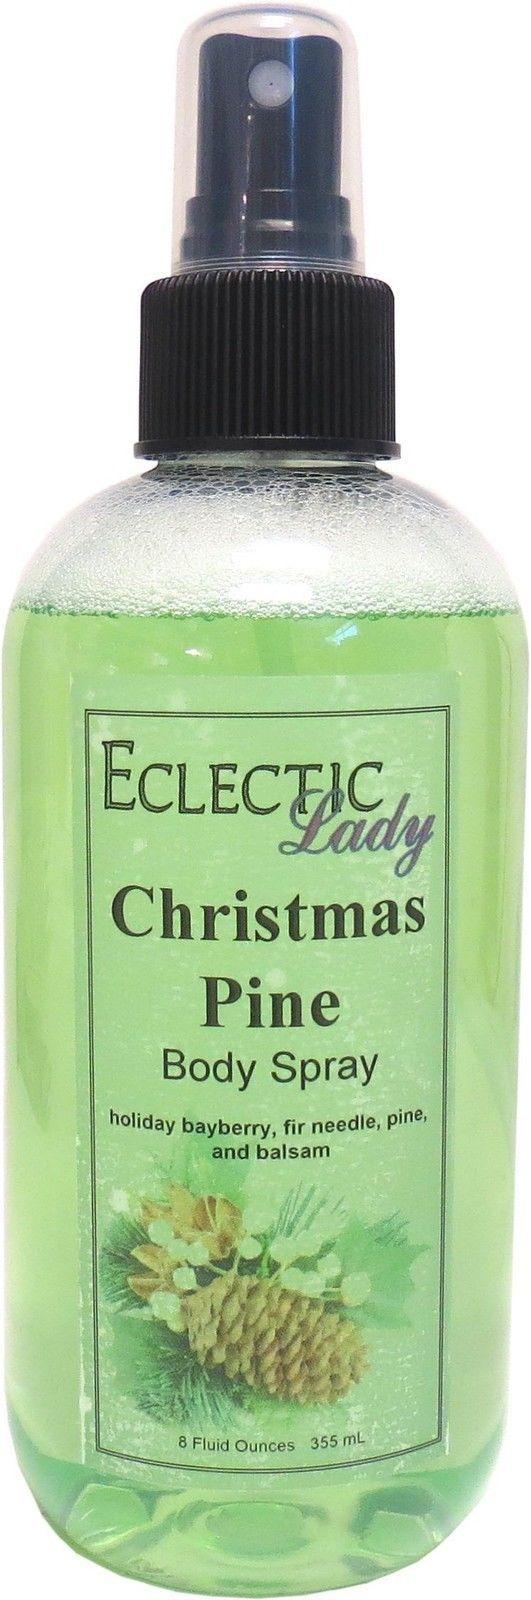 Christmas Pine Body Spray